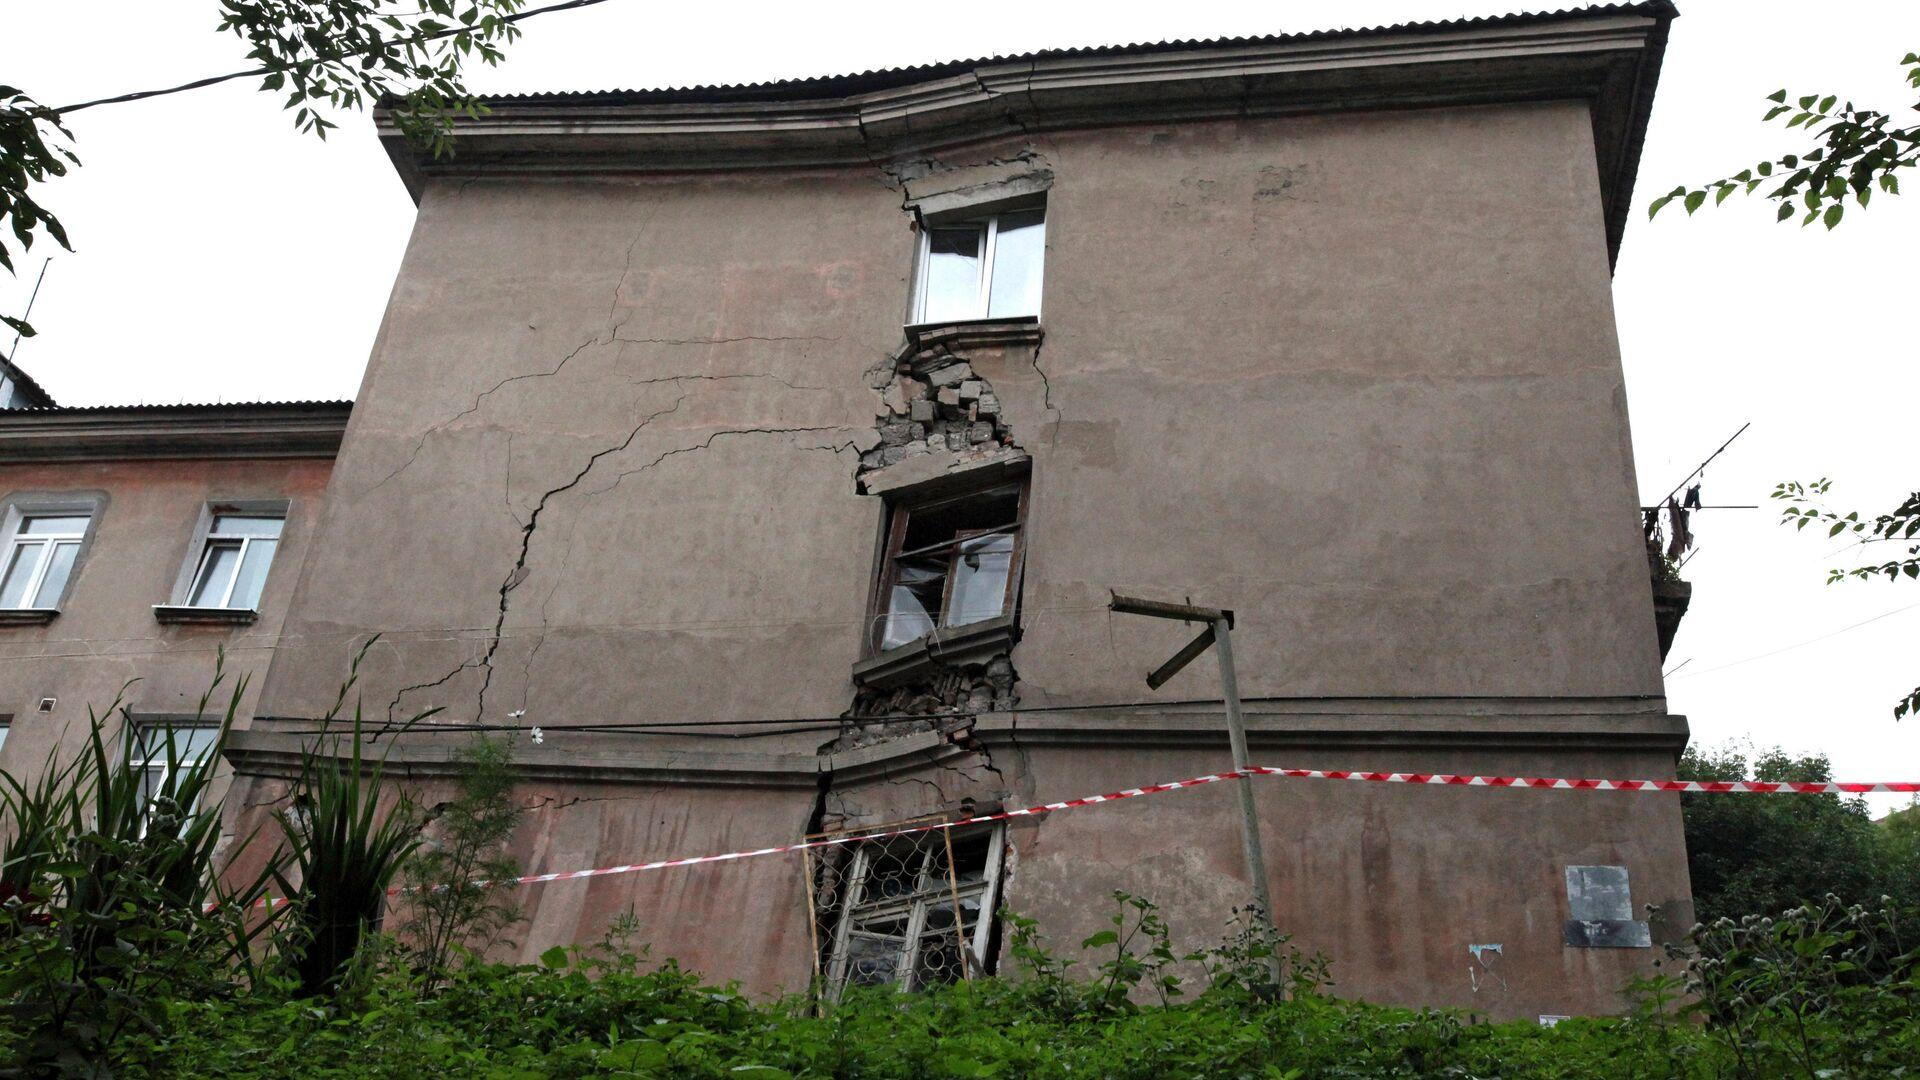 Аварийный жилой дом - РИА Новости, 1920, 17.09.2020